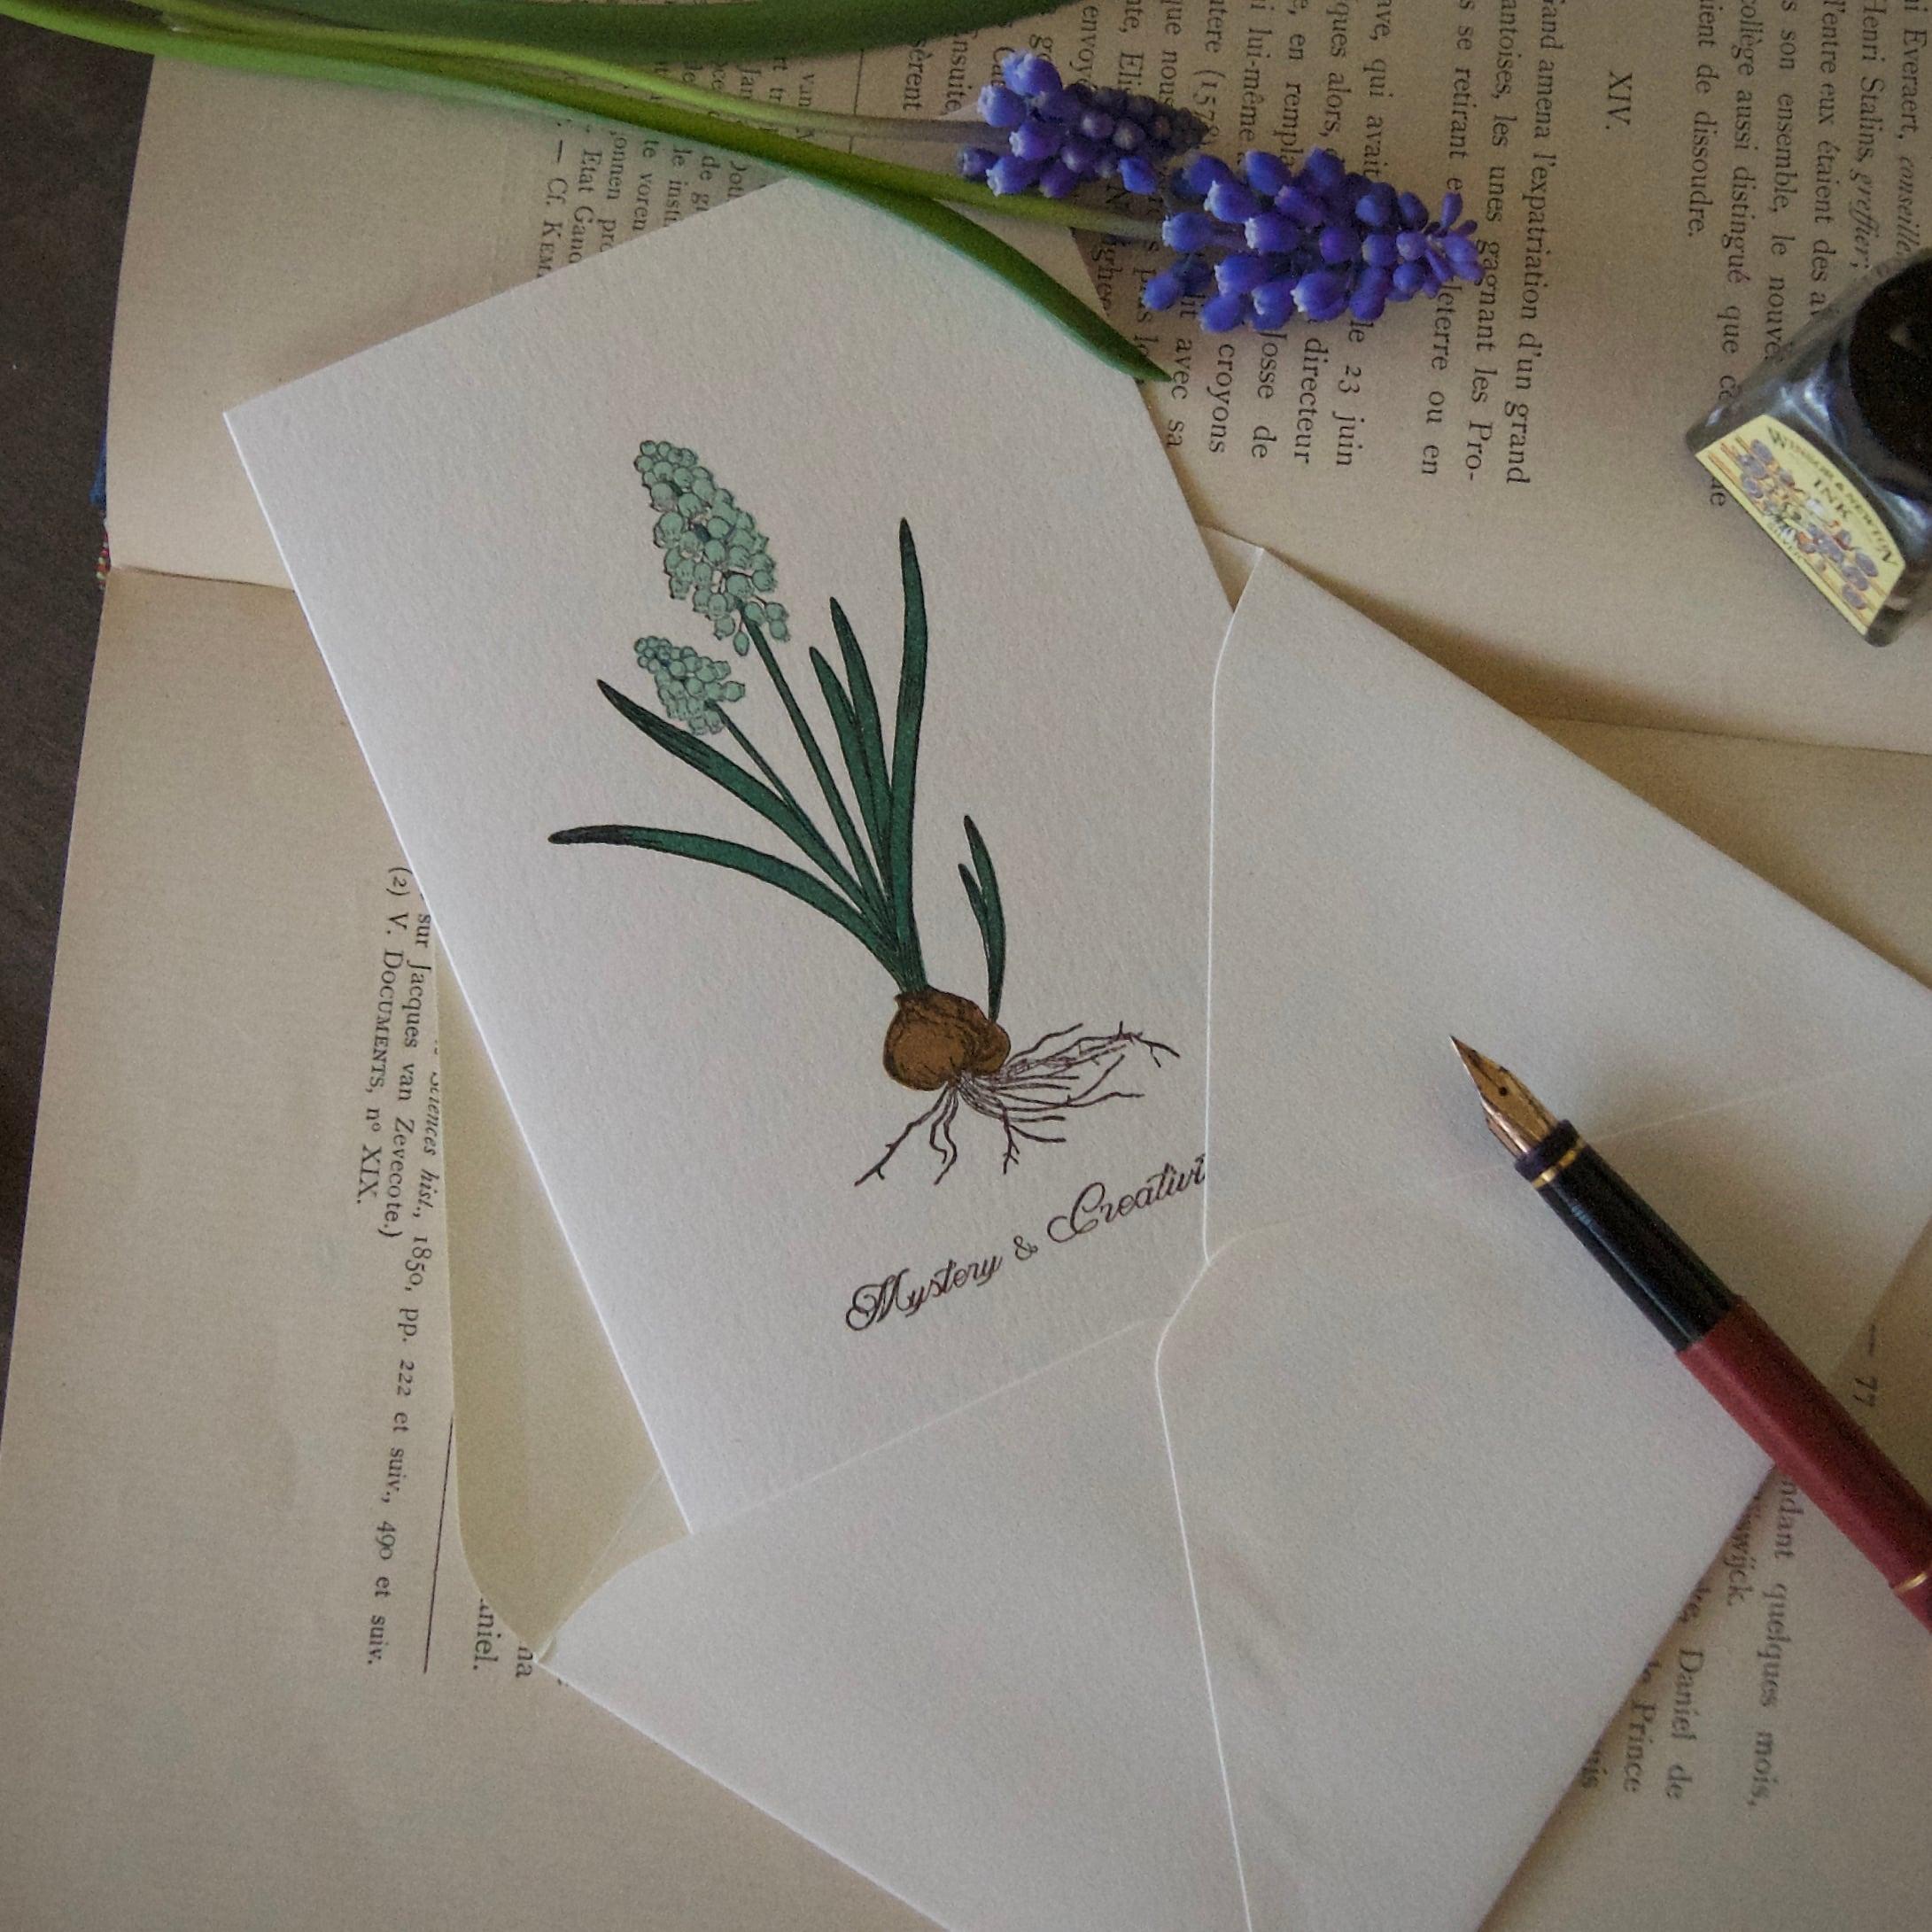 【カード 大】 ムスカリ / カード1枚+封筒1枚/活版印刷